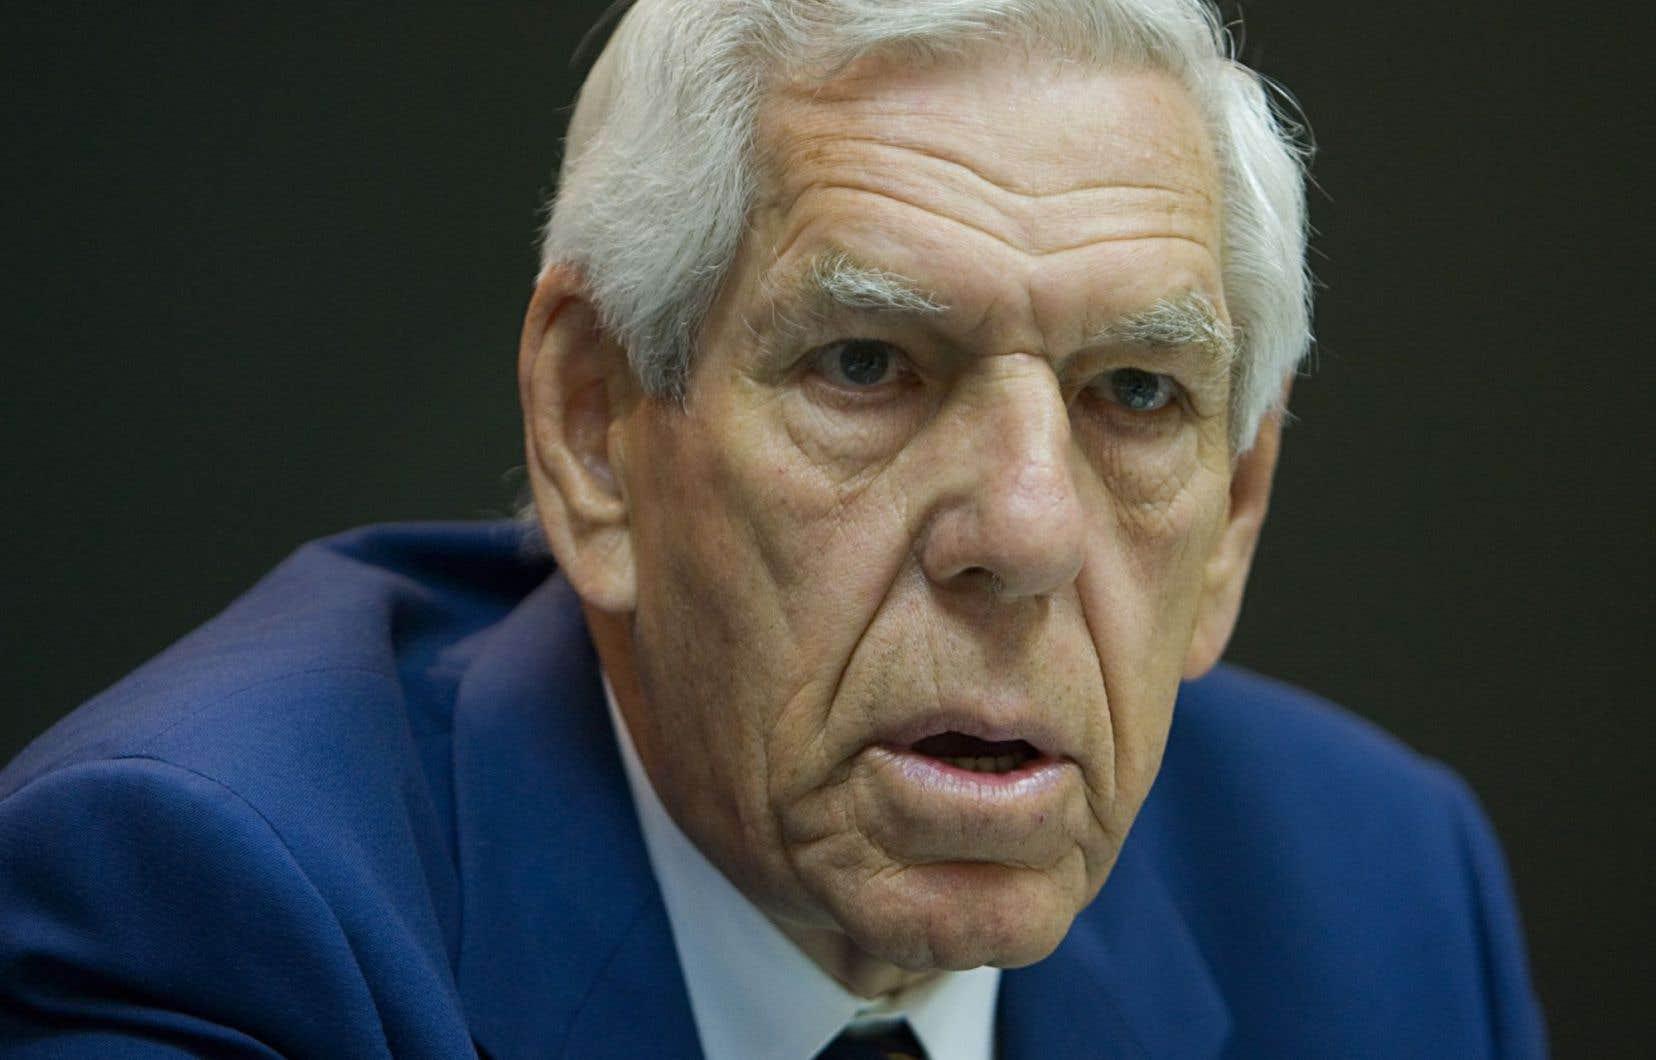 La réforme du ministre Gaétan Barrette n'est pas la voie à prendre en santé, dit Claude Castonguay.